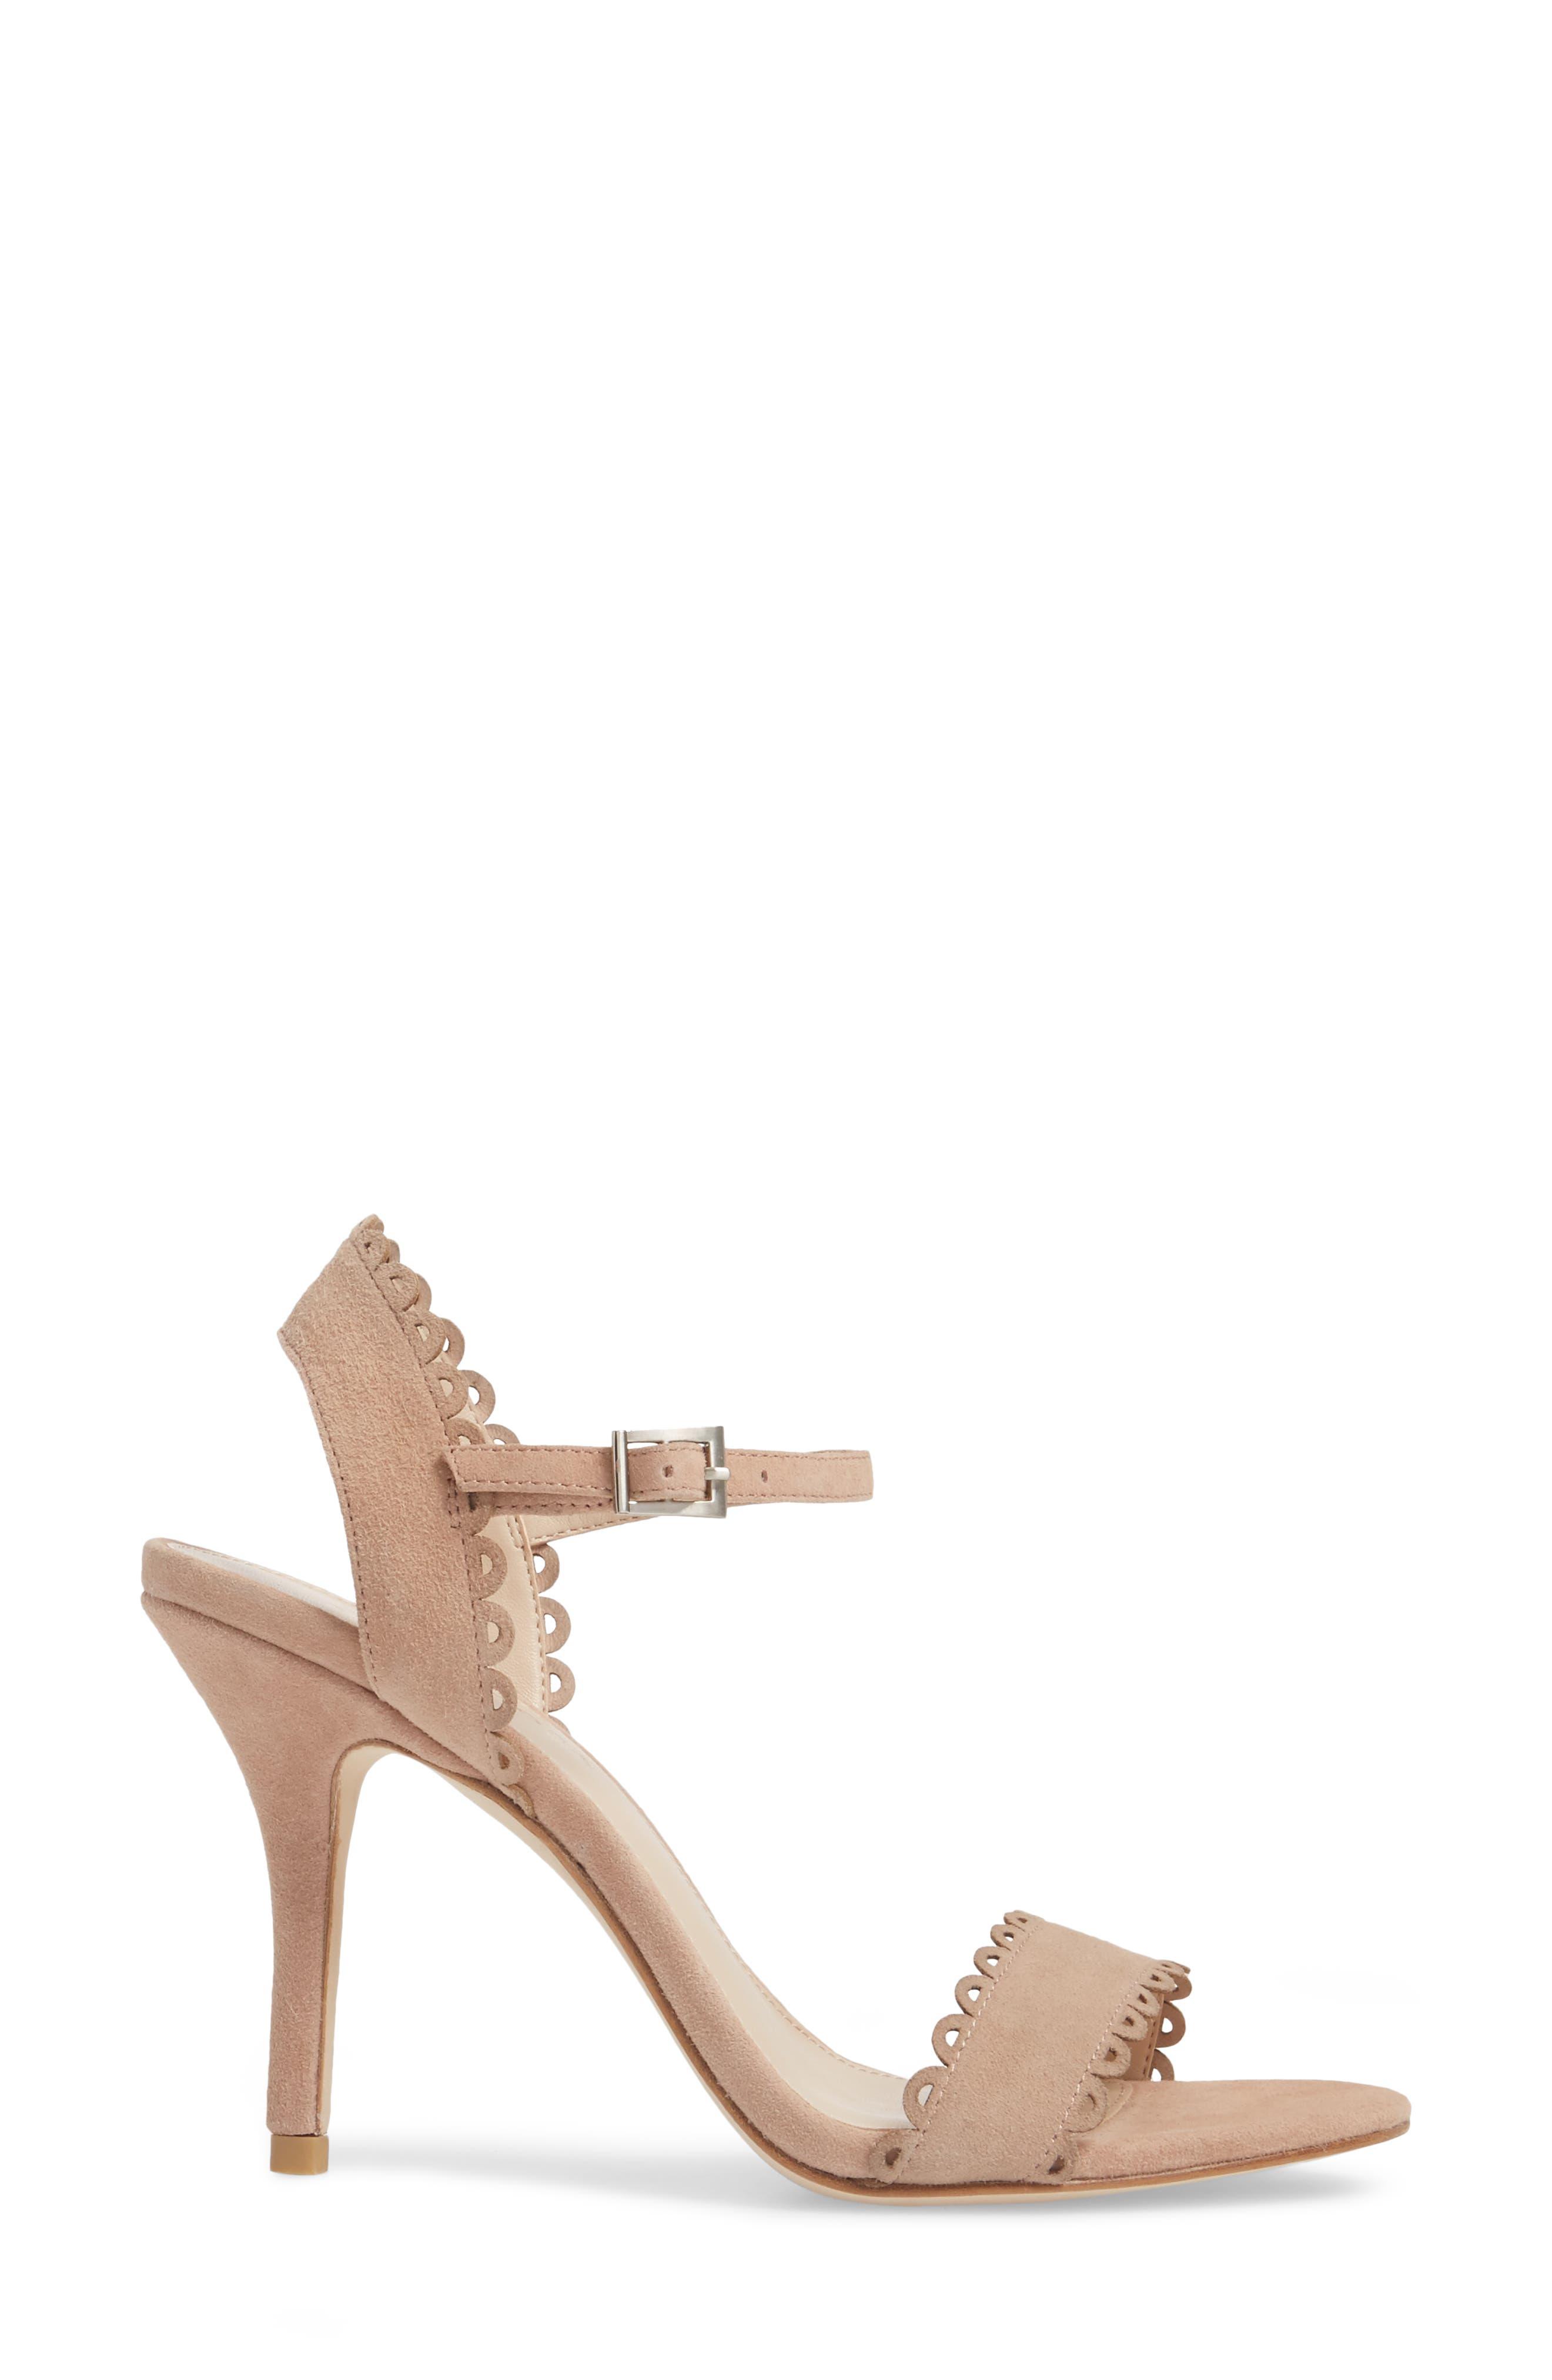 Alternate Image 3  - Pelle Moda Karen Scallop Ankle Strap Sandal (Women)